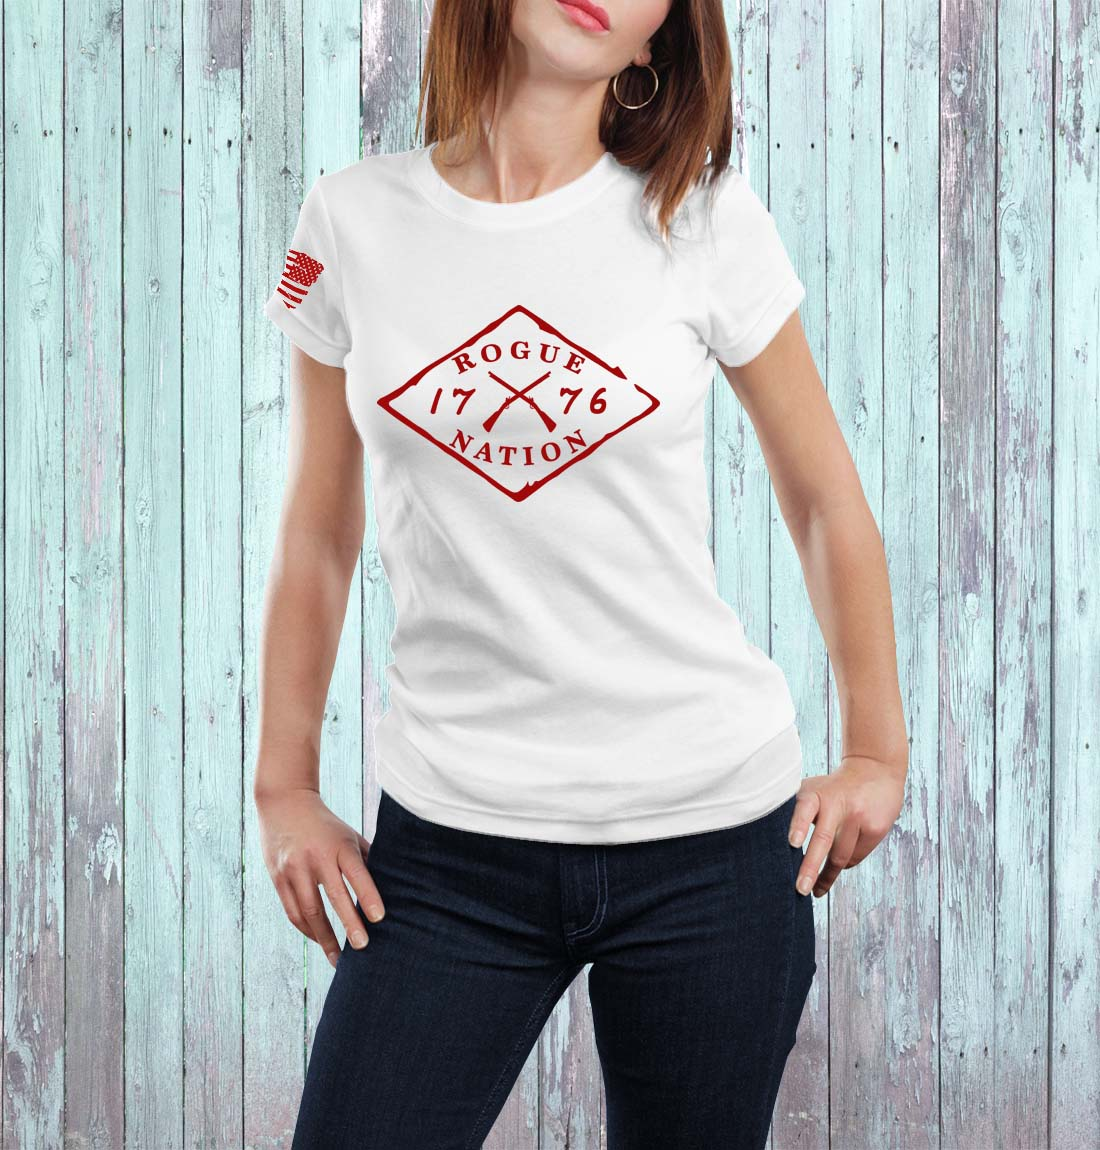 t-shirt full logo on red women's